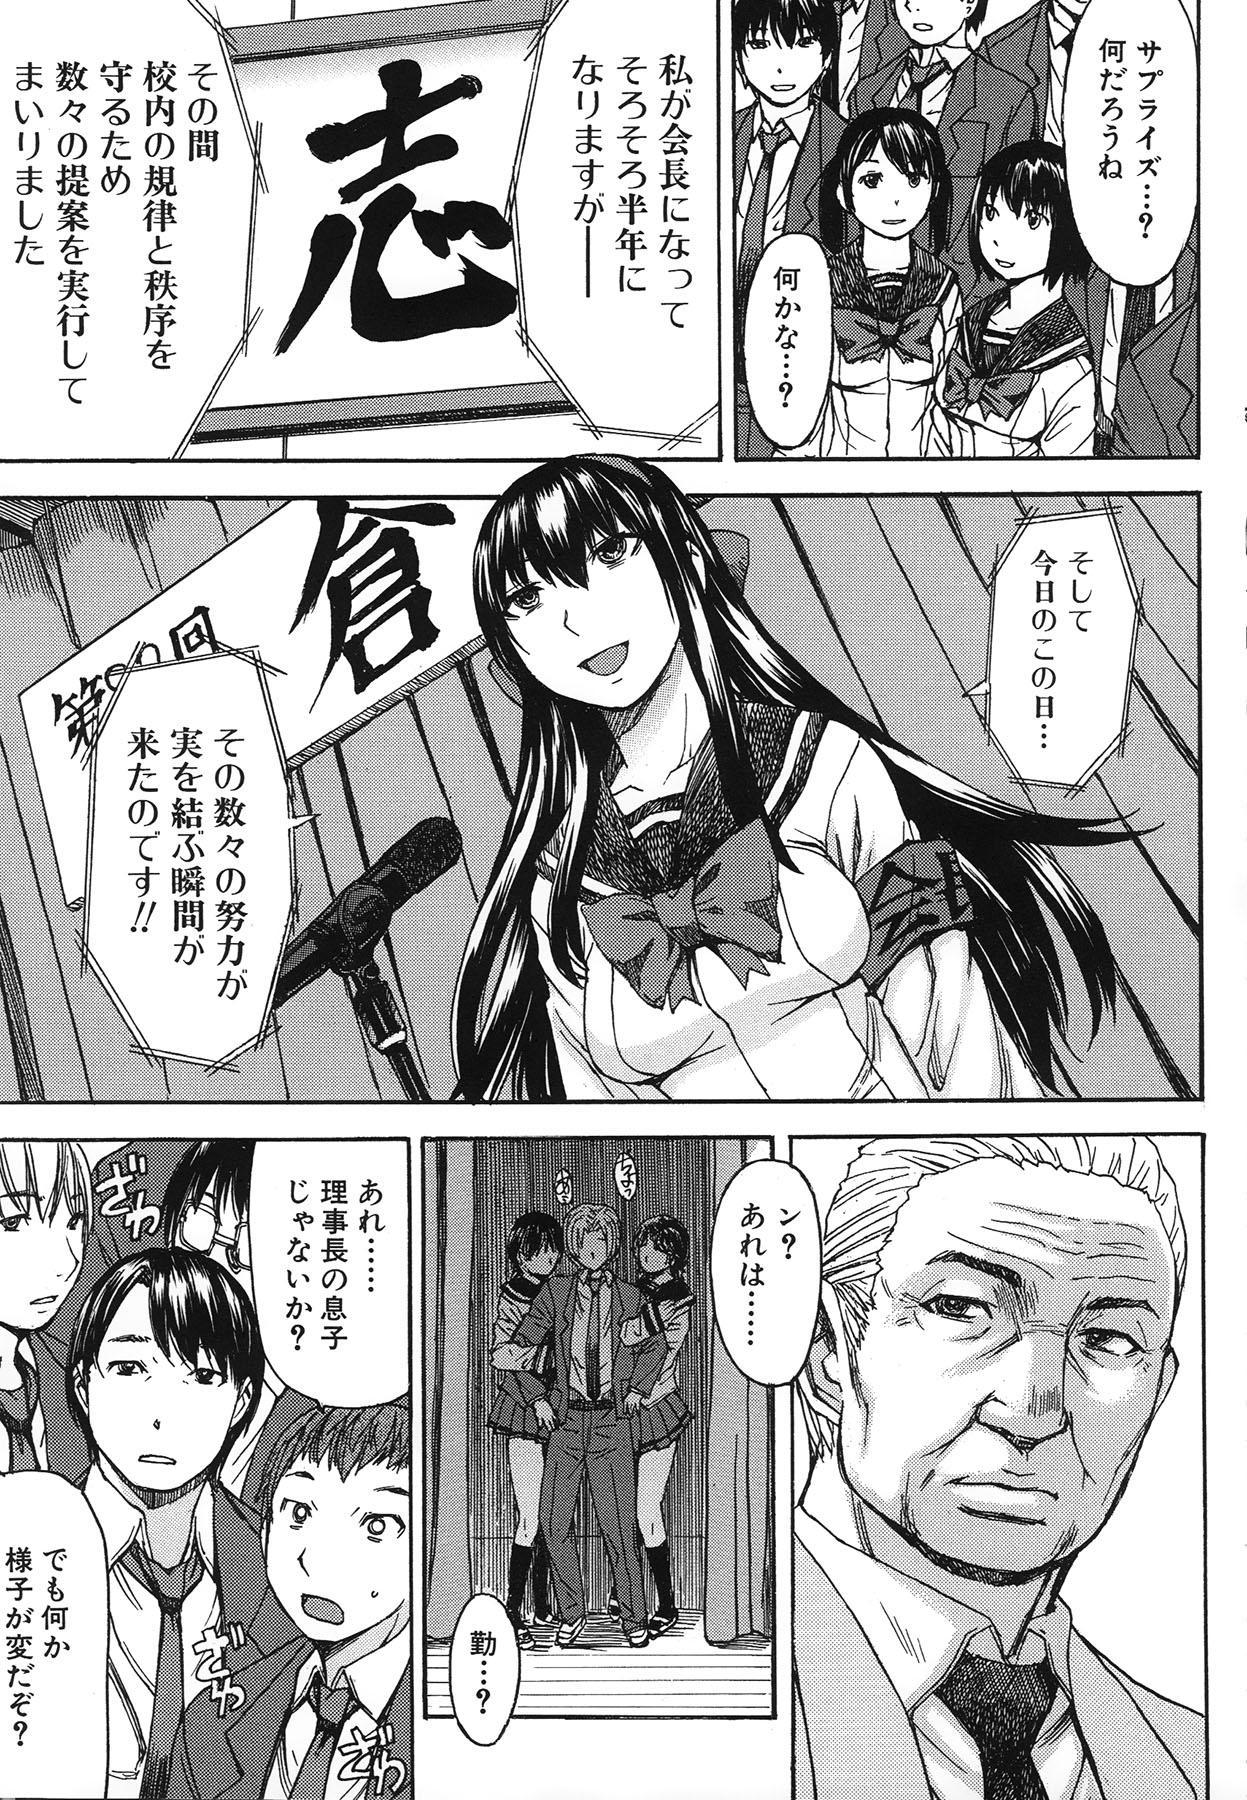 Ashigami 160